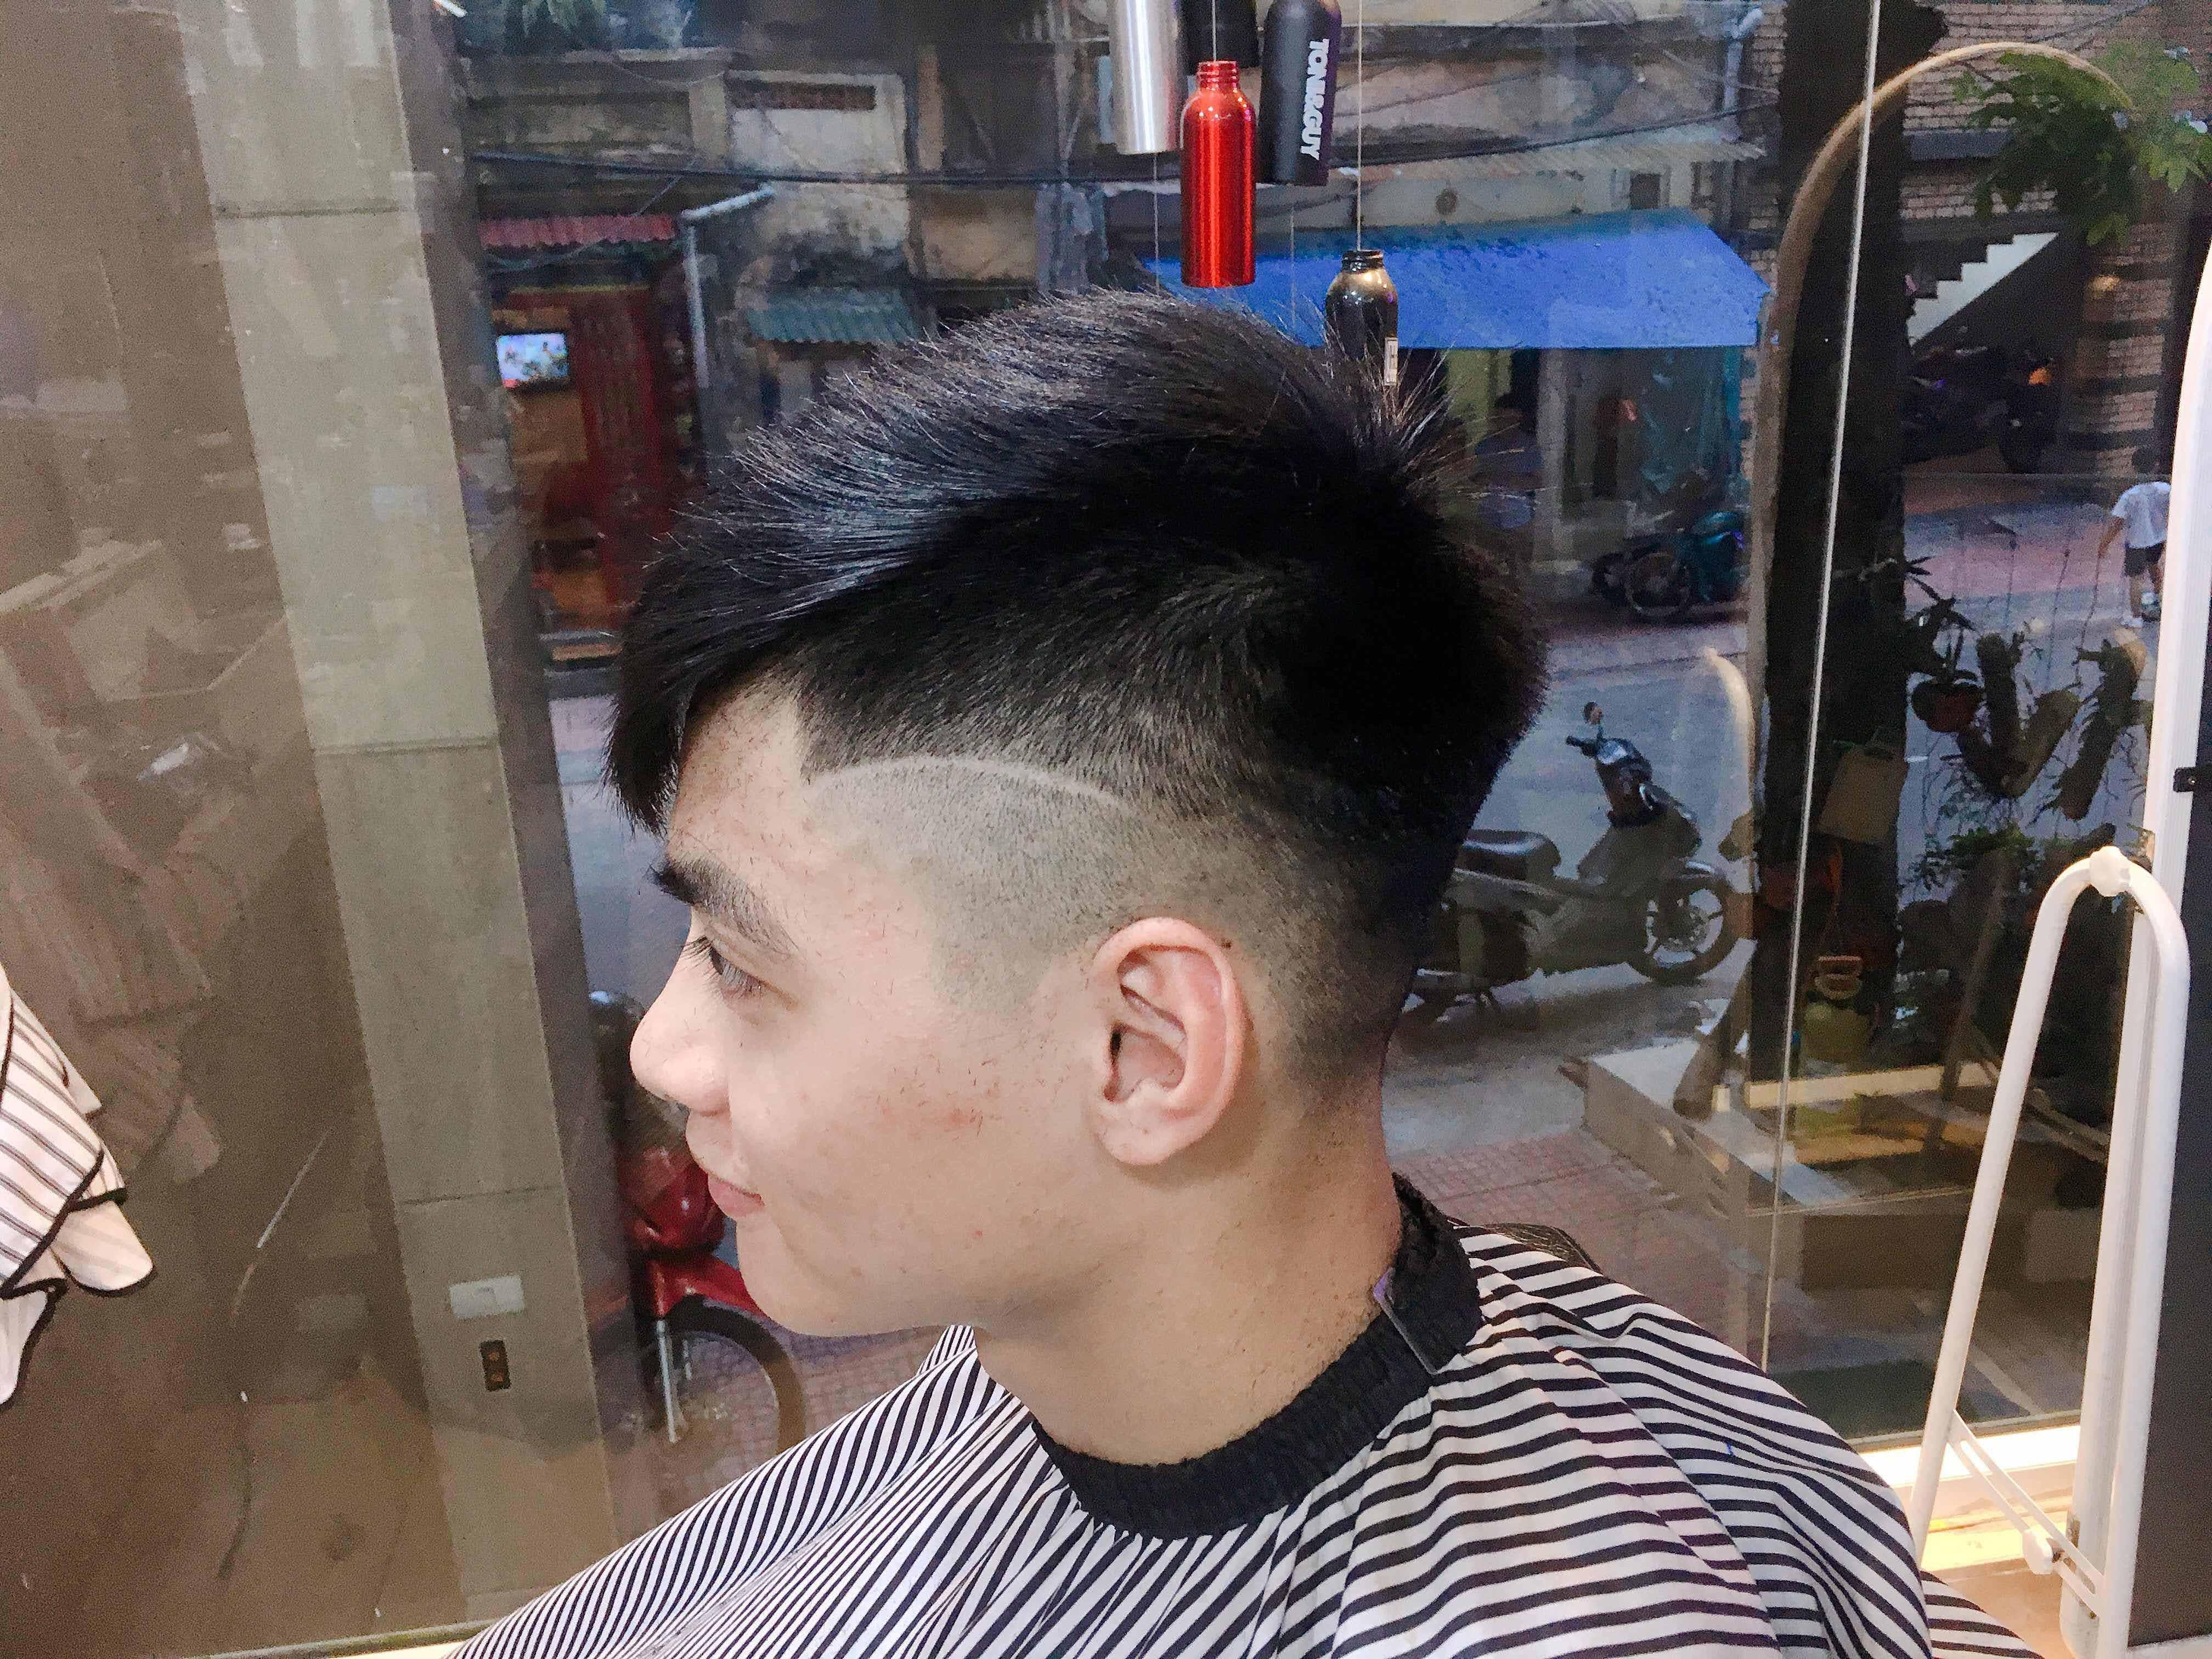 Nghiên cứu về nghề Barber: những cấp bậc học viên nên nắm rõ để chinh phục